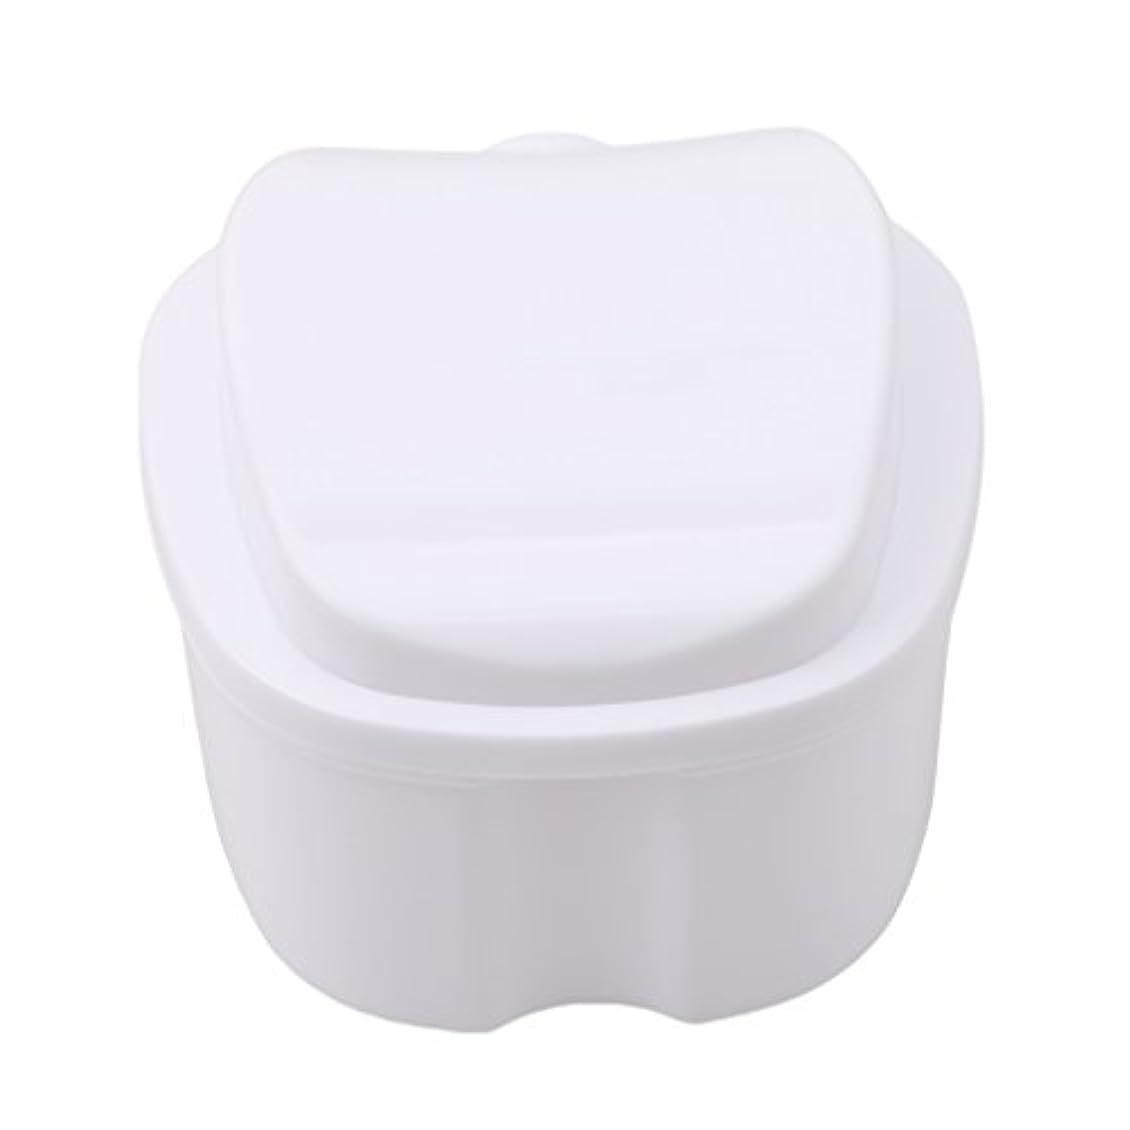 意図受信機恥ずかしいHonel 収納ボックス 義歯収納用 リテーナーケース りんご柄 ホワイト